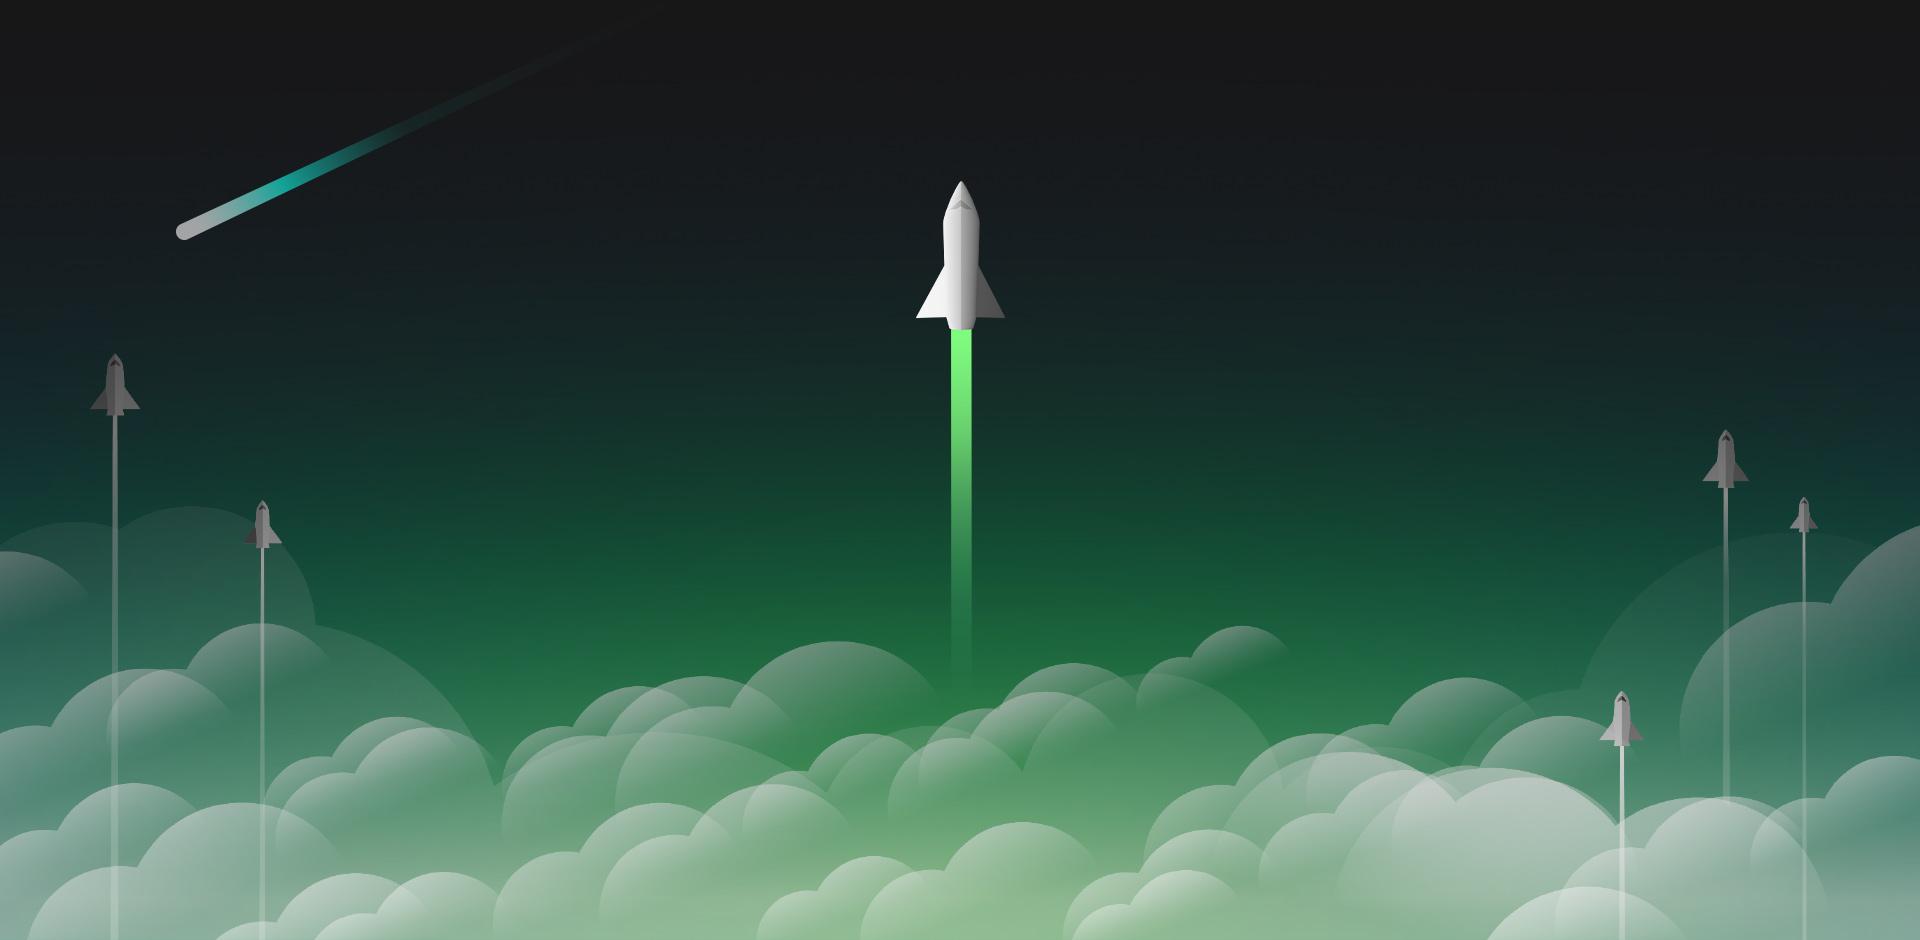 雲の切れ間から空に向かって飛んでいるいくつかのロケット船